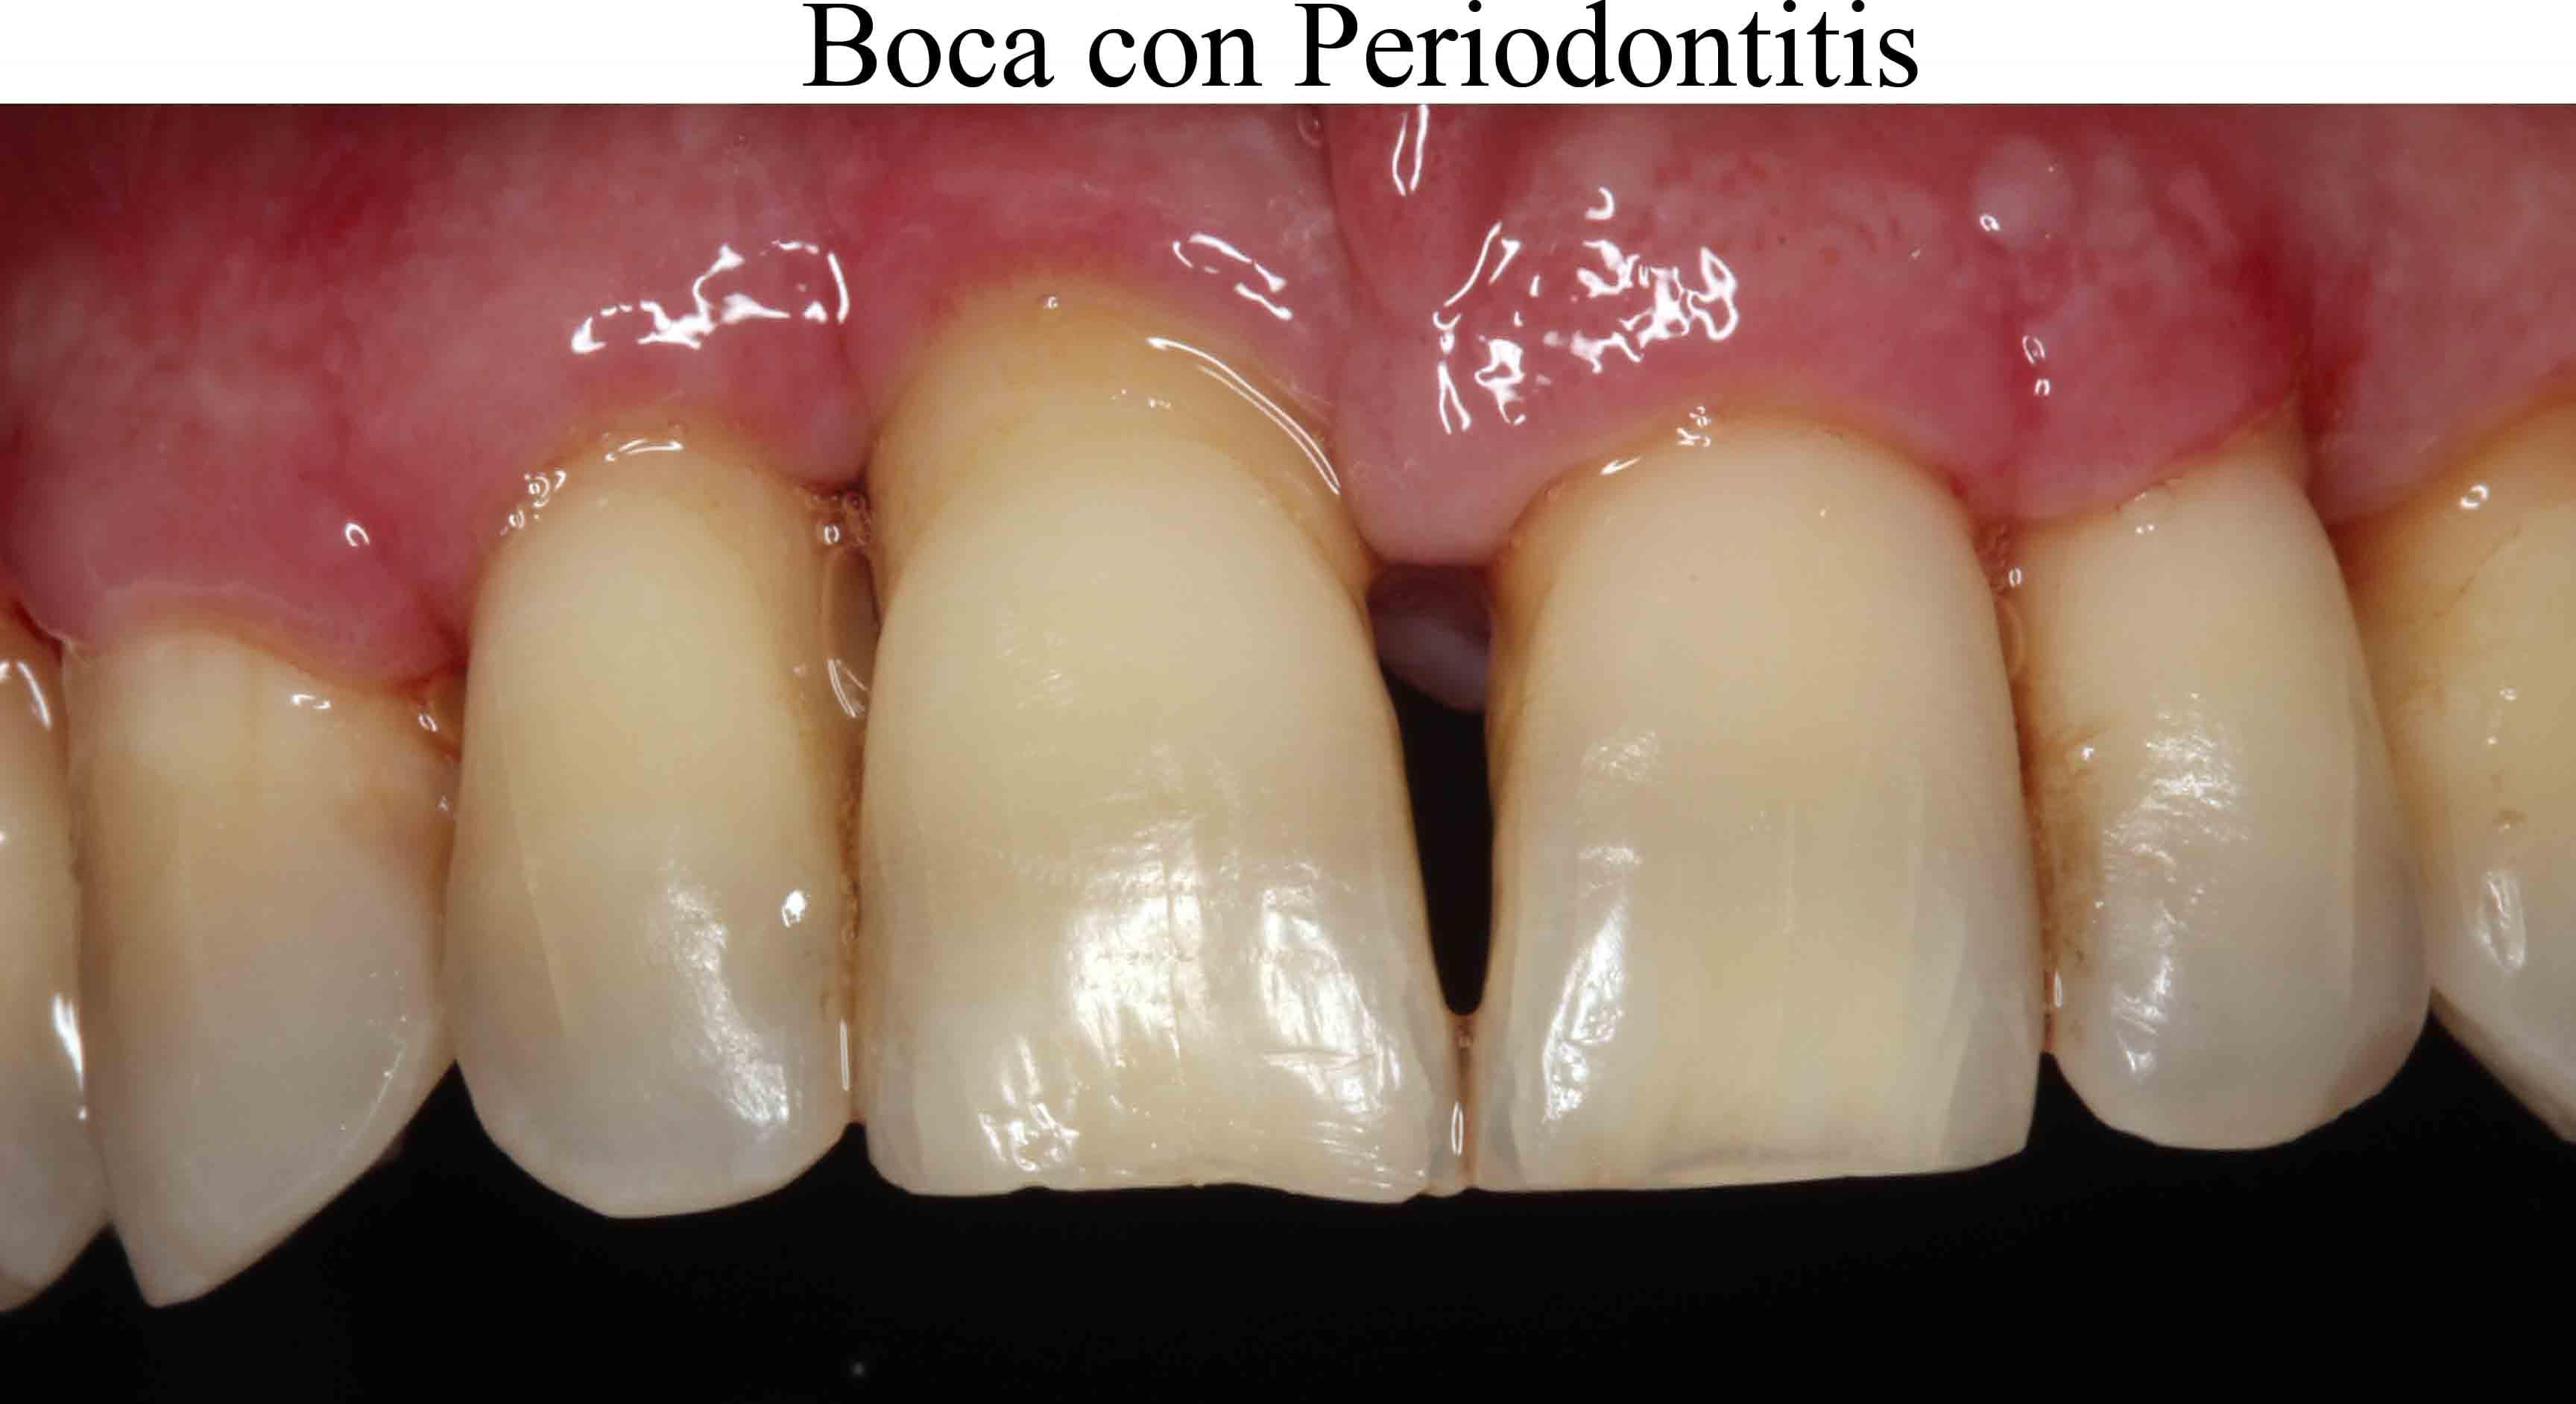 Boca con periodontitis